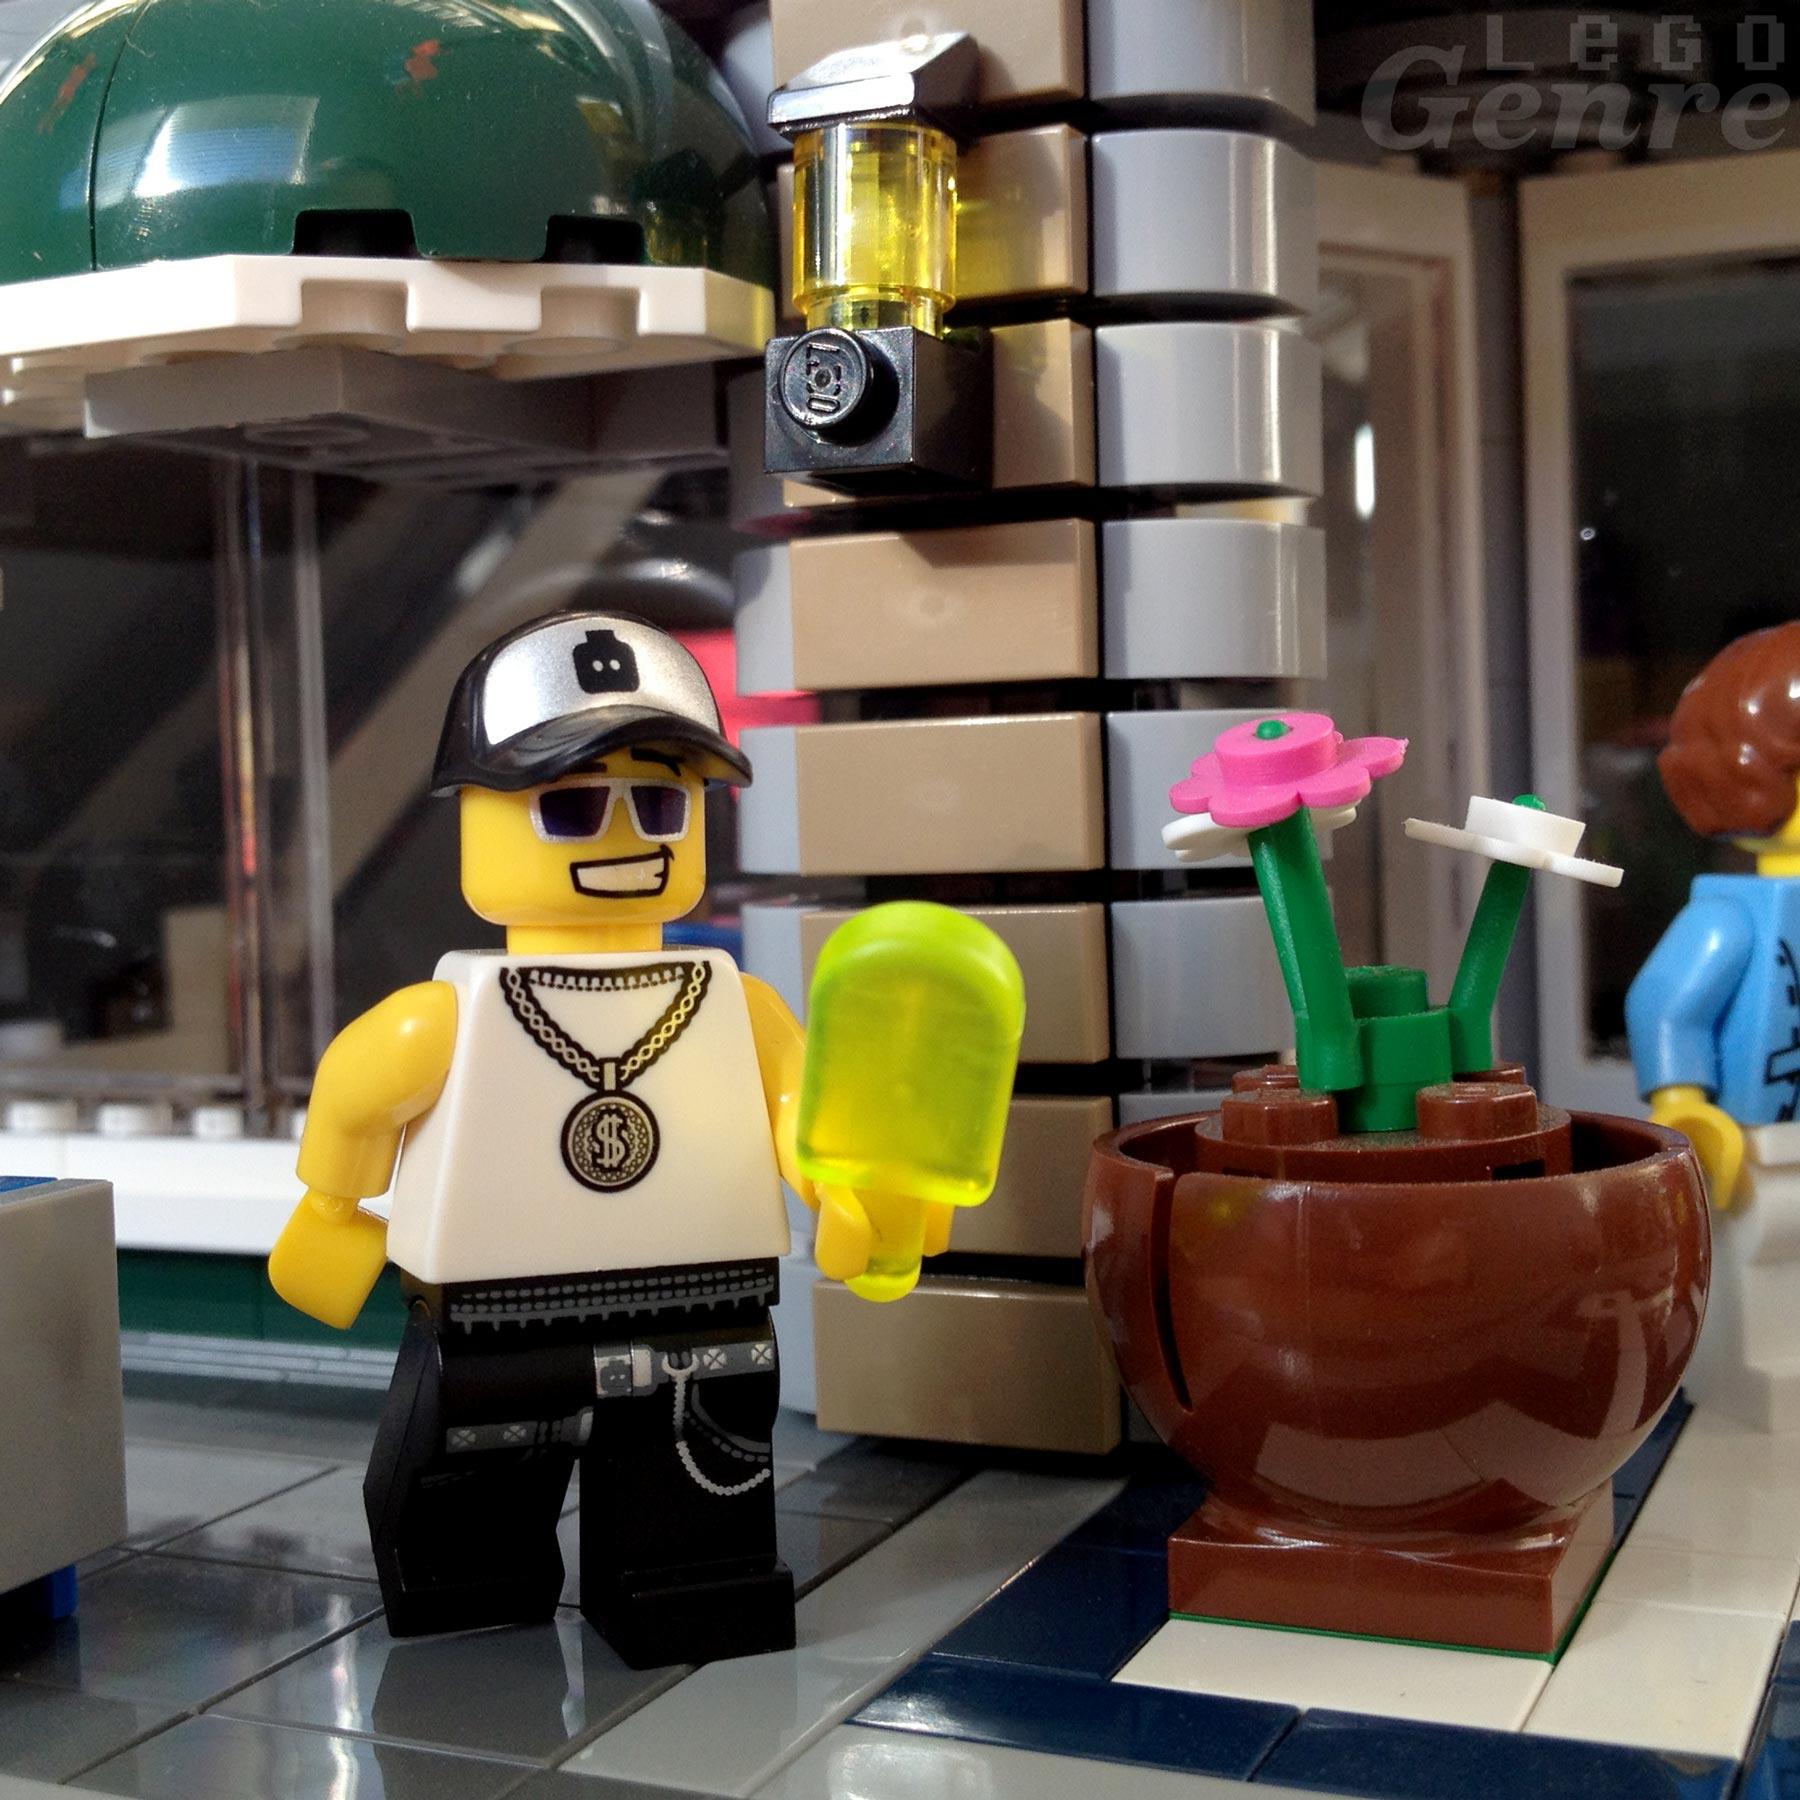 LegoGenre 00321: Pop(sicle) Star